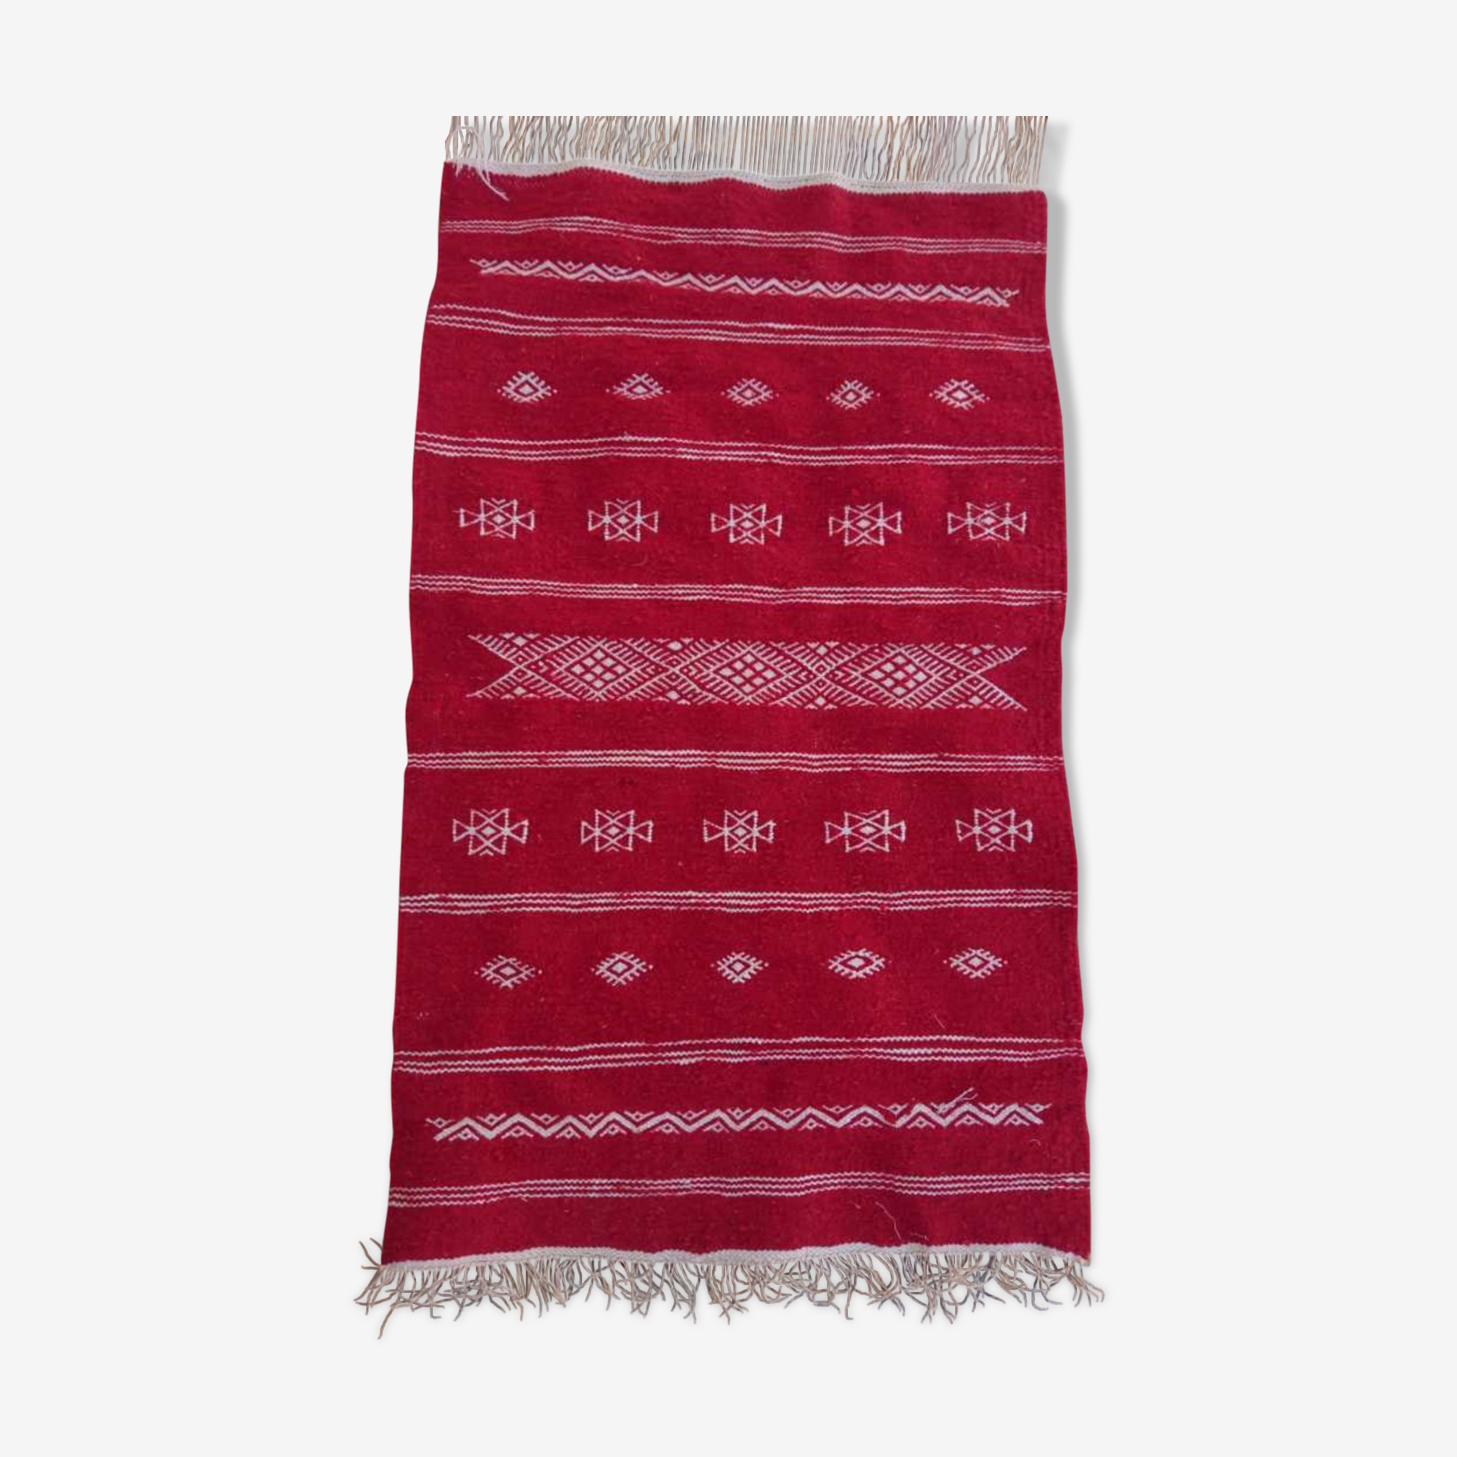 Tapis rouge fait main en pure laine 60x95cm